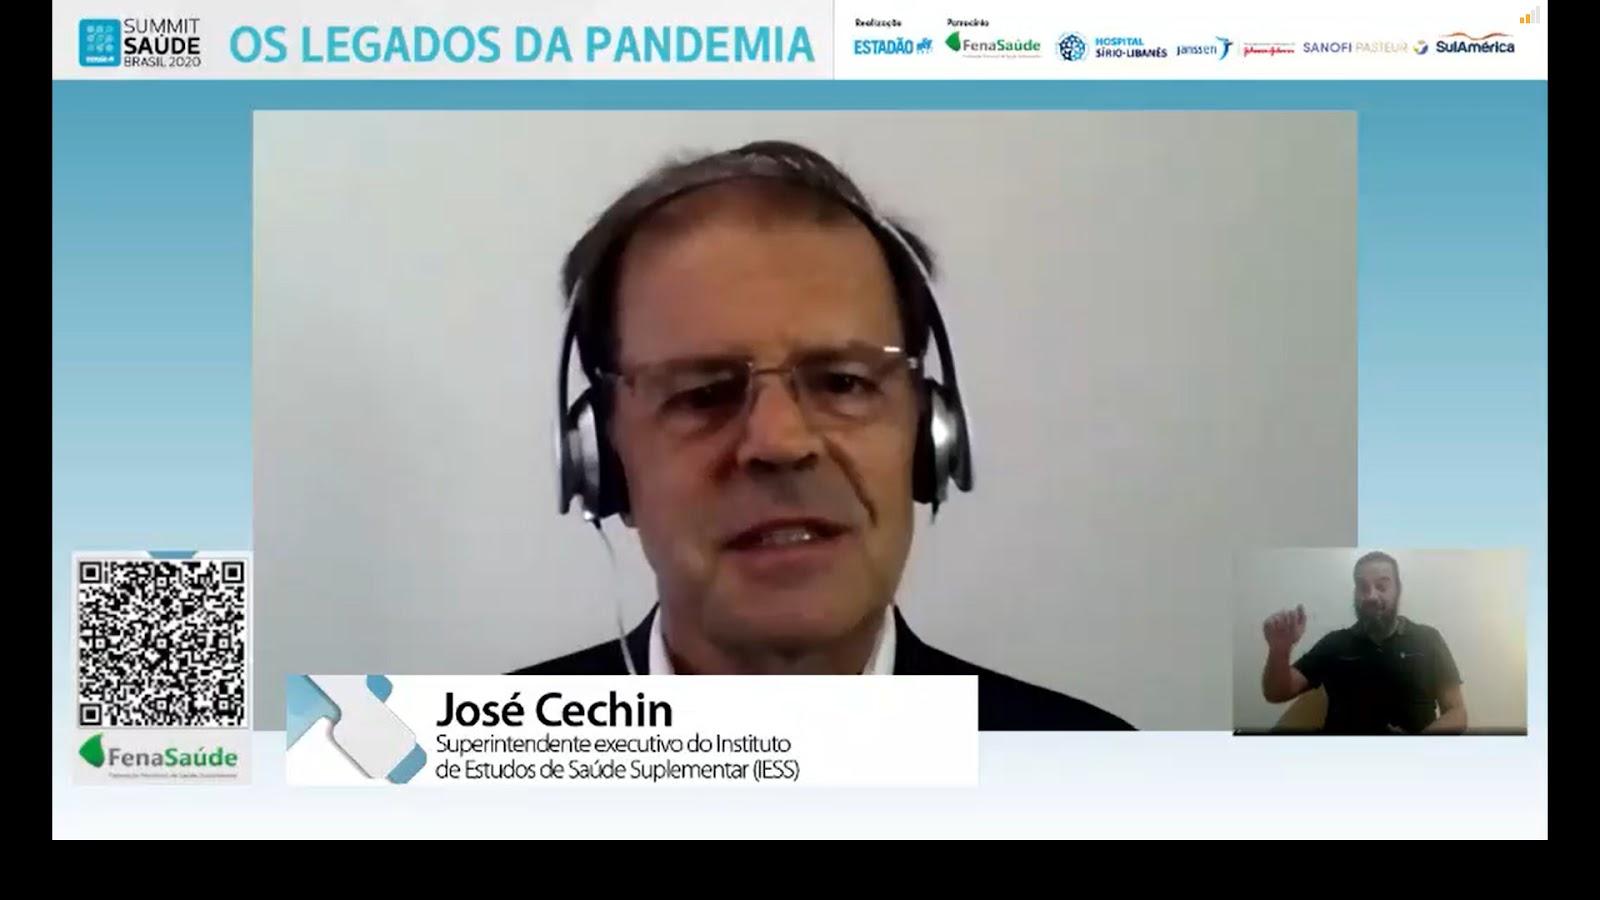 """""""O maior incentivo que o governo poderia dar, neste momento e daqui para frente, não é o financeiro, mas encampar a promoção de saúde e a criação de hábitos adequados"""", comenta José Cechin. (Fonte: Summit Saúde Brasil 2020/Reprodução)"""